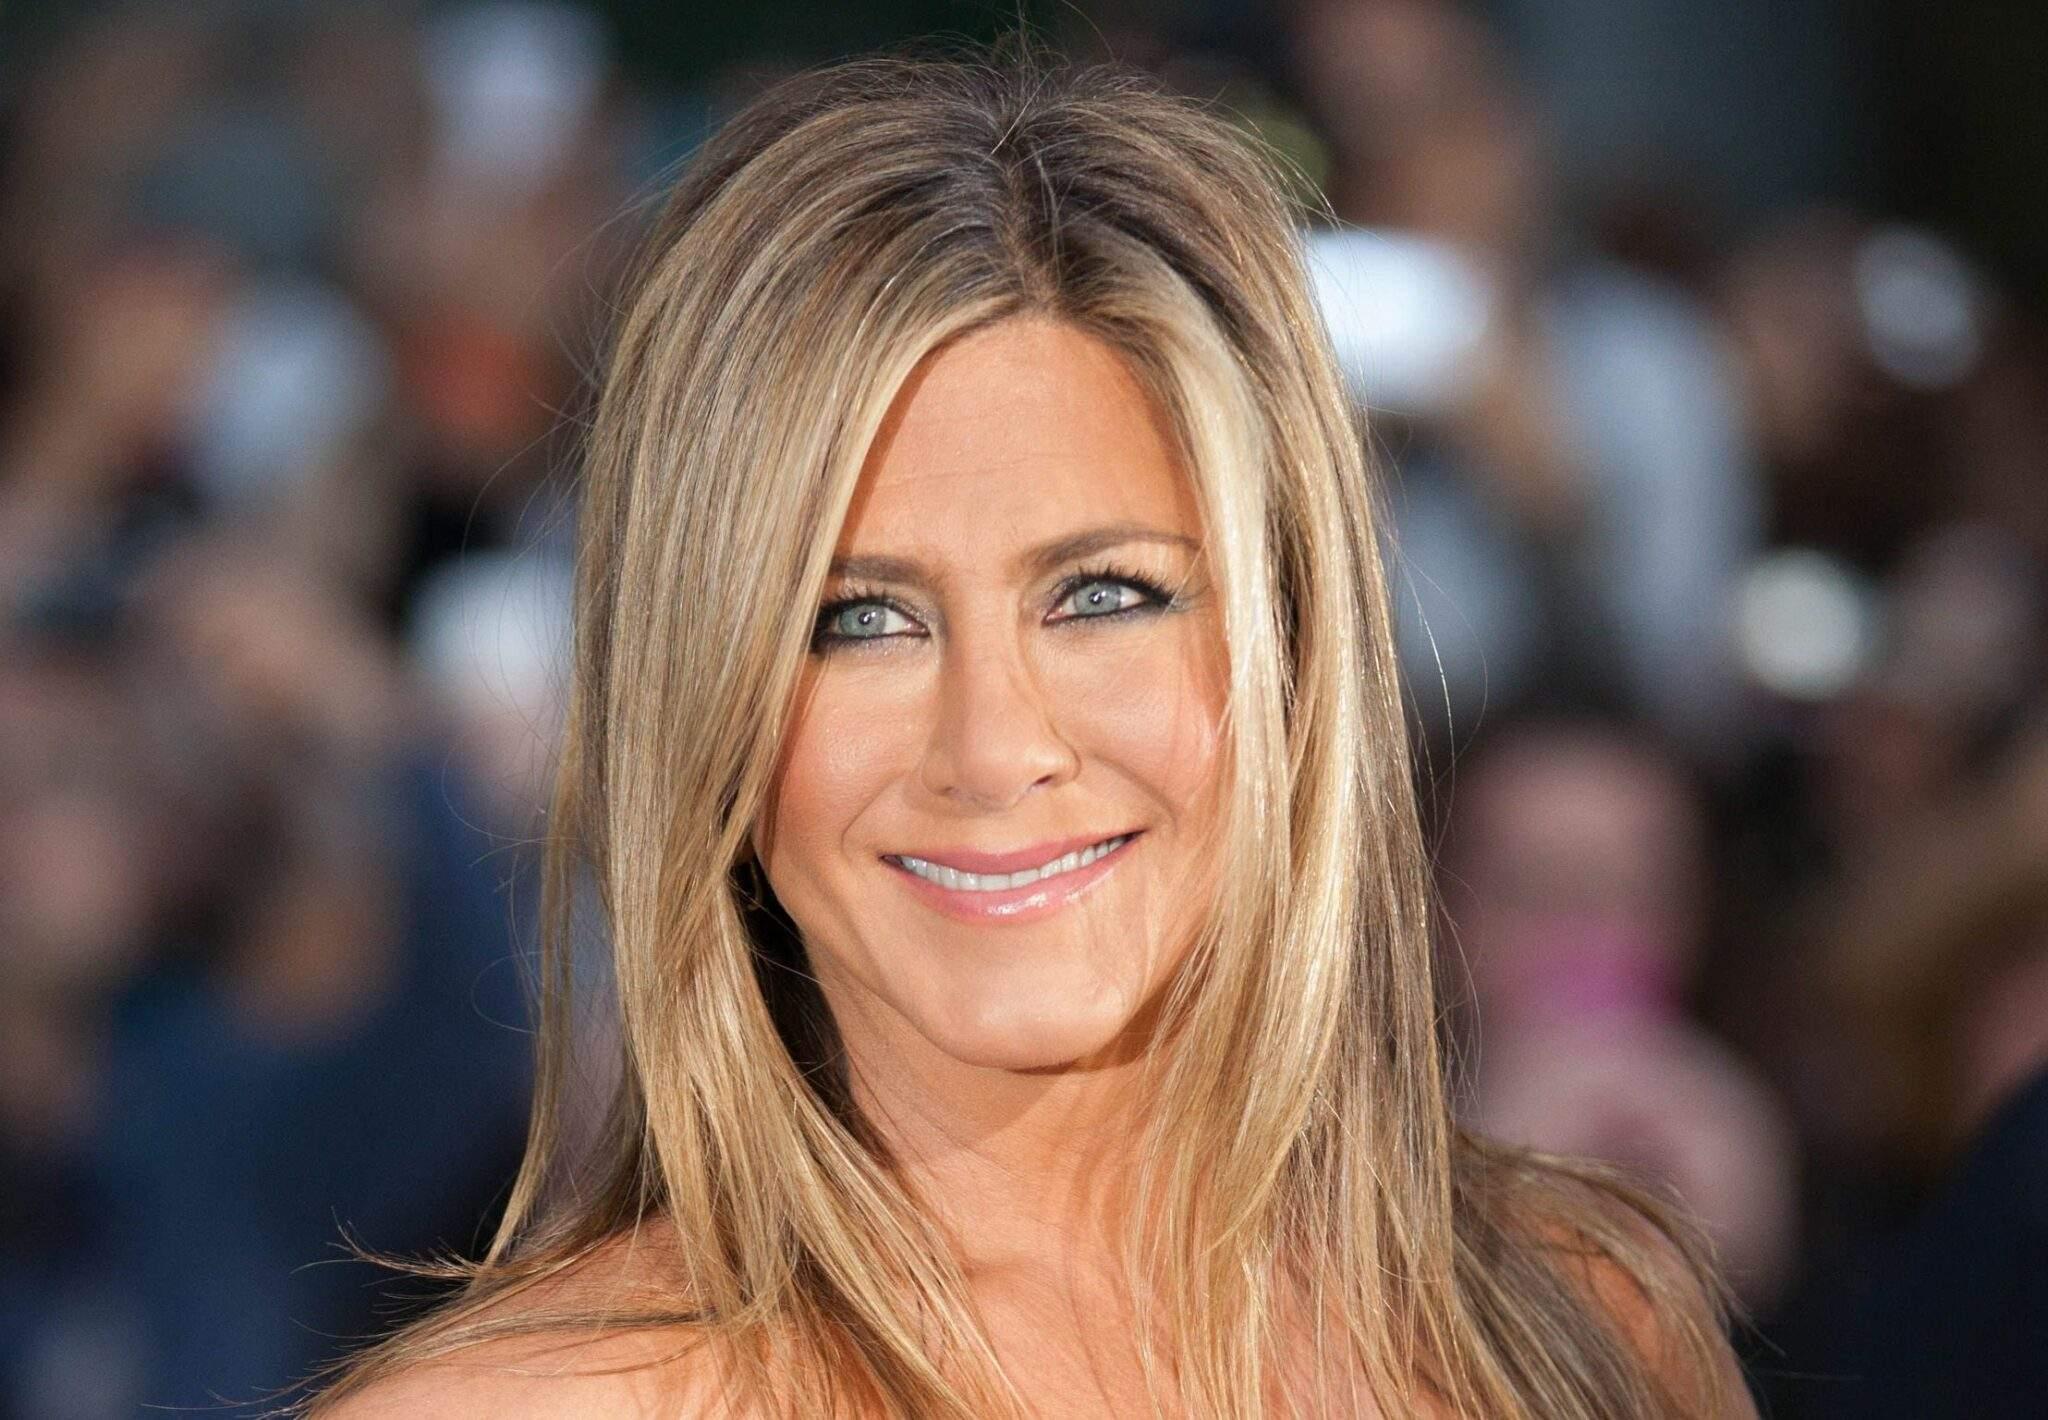 Très occupée, Jennifer Aniston n'est pas intéressée à sortir avec un homme